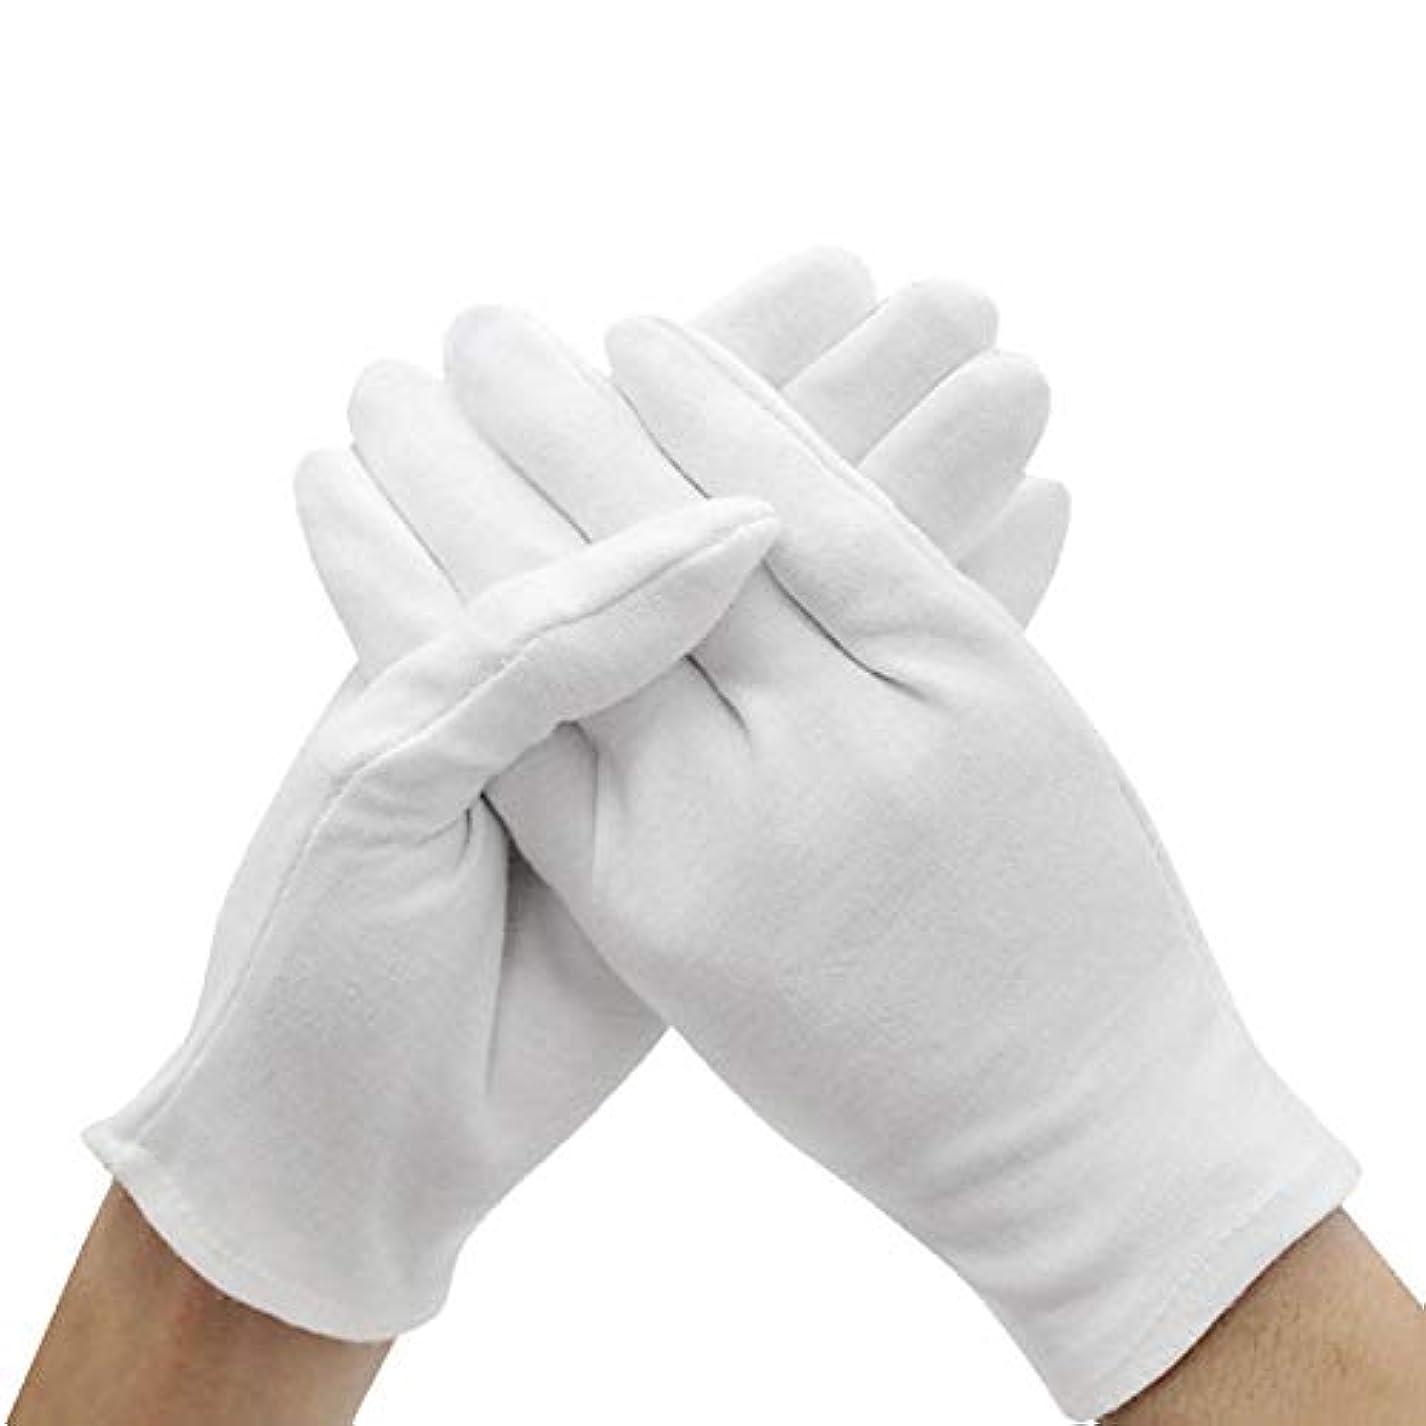 重量犬プログレッシブコットン手袋 綿 手荒れ予防 【湿疹用 乾燥肌用 保湿用 礼装用】純綿100% 白手袋 作業用 インナー手袋,ワンサイズ,エチケットの機会